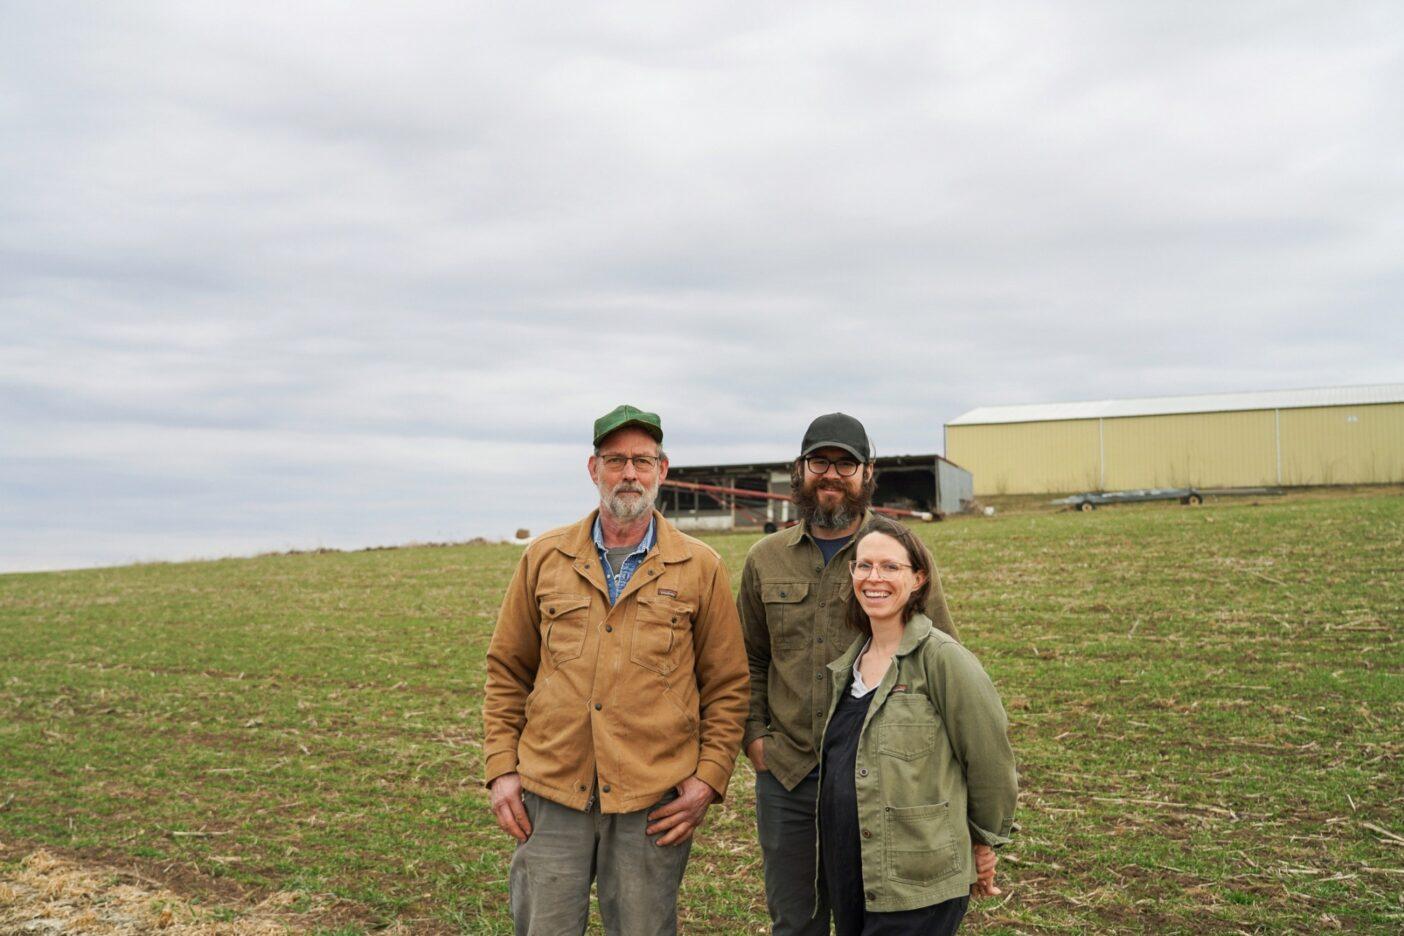 失われない絆:ポール・ビックフォードは、オーガニック農場やそれを作るために自らが注いだ汗や知識が、良い人に受け継がれると分かり安心している。Photo: Jesse Perkins